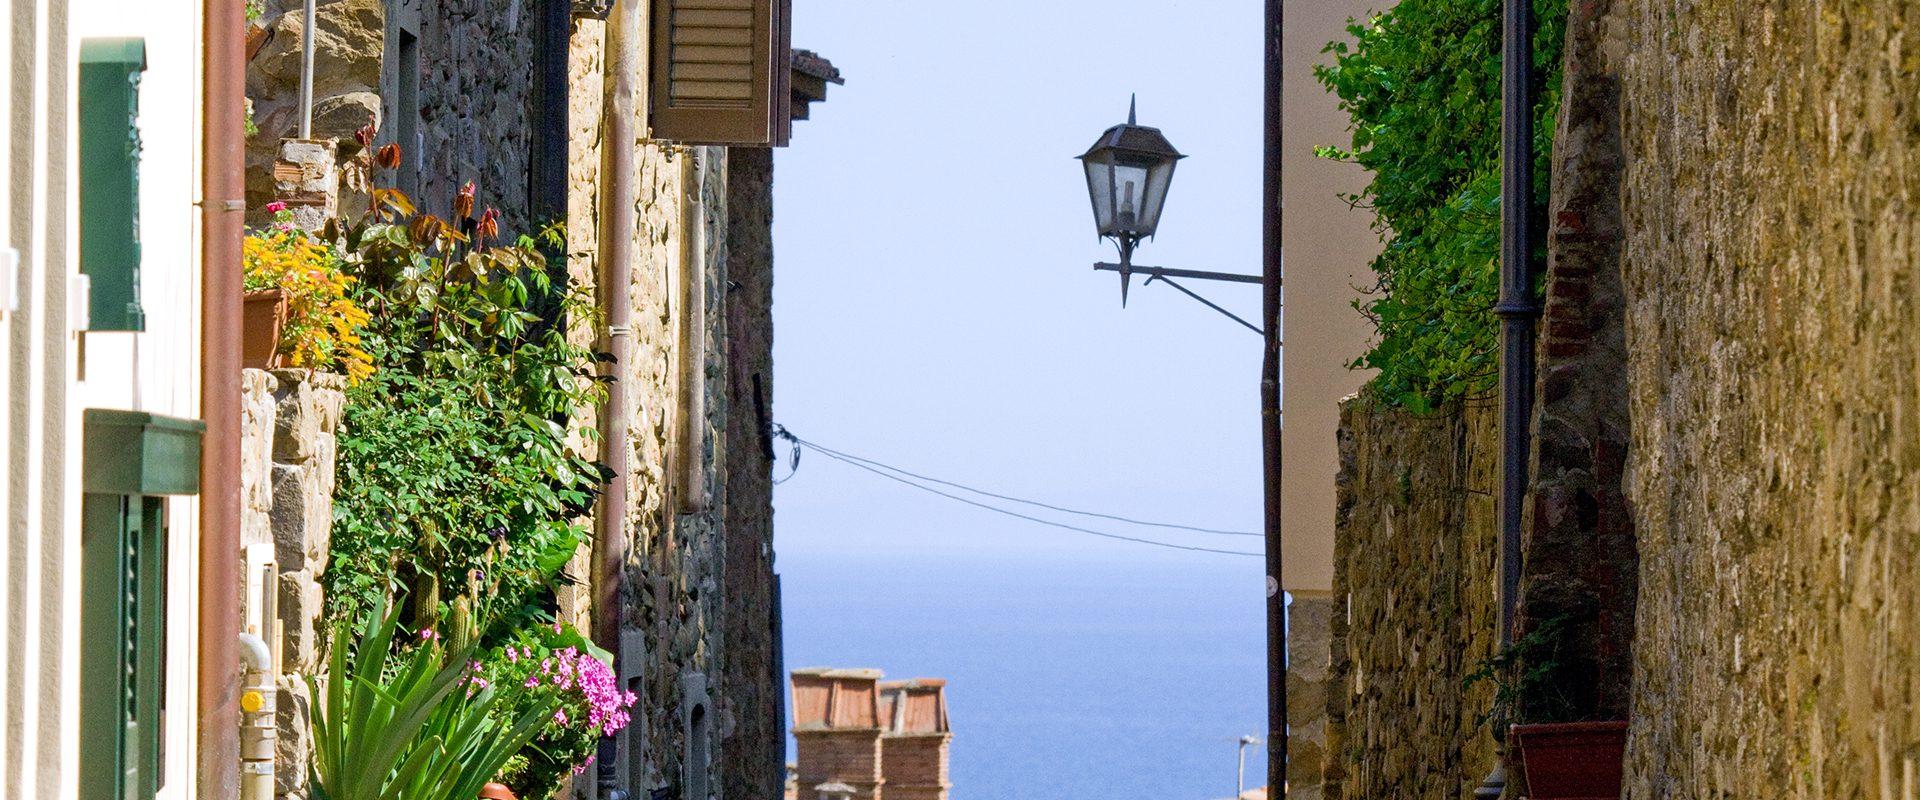 Castiglione della Pescaia and Punta Ala